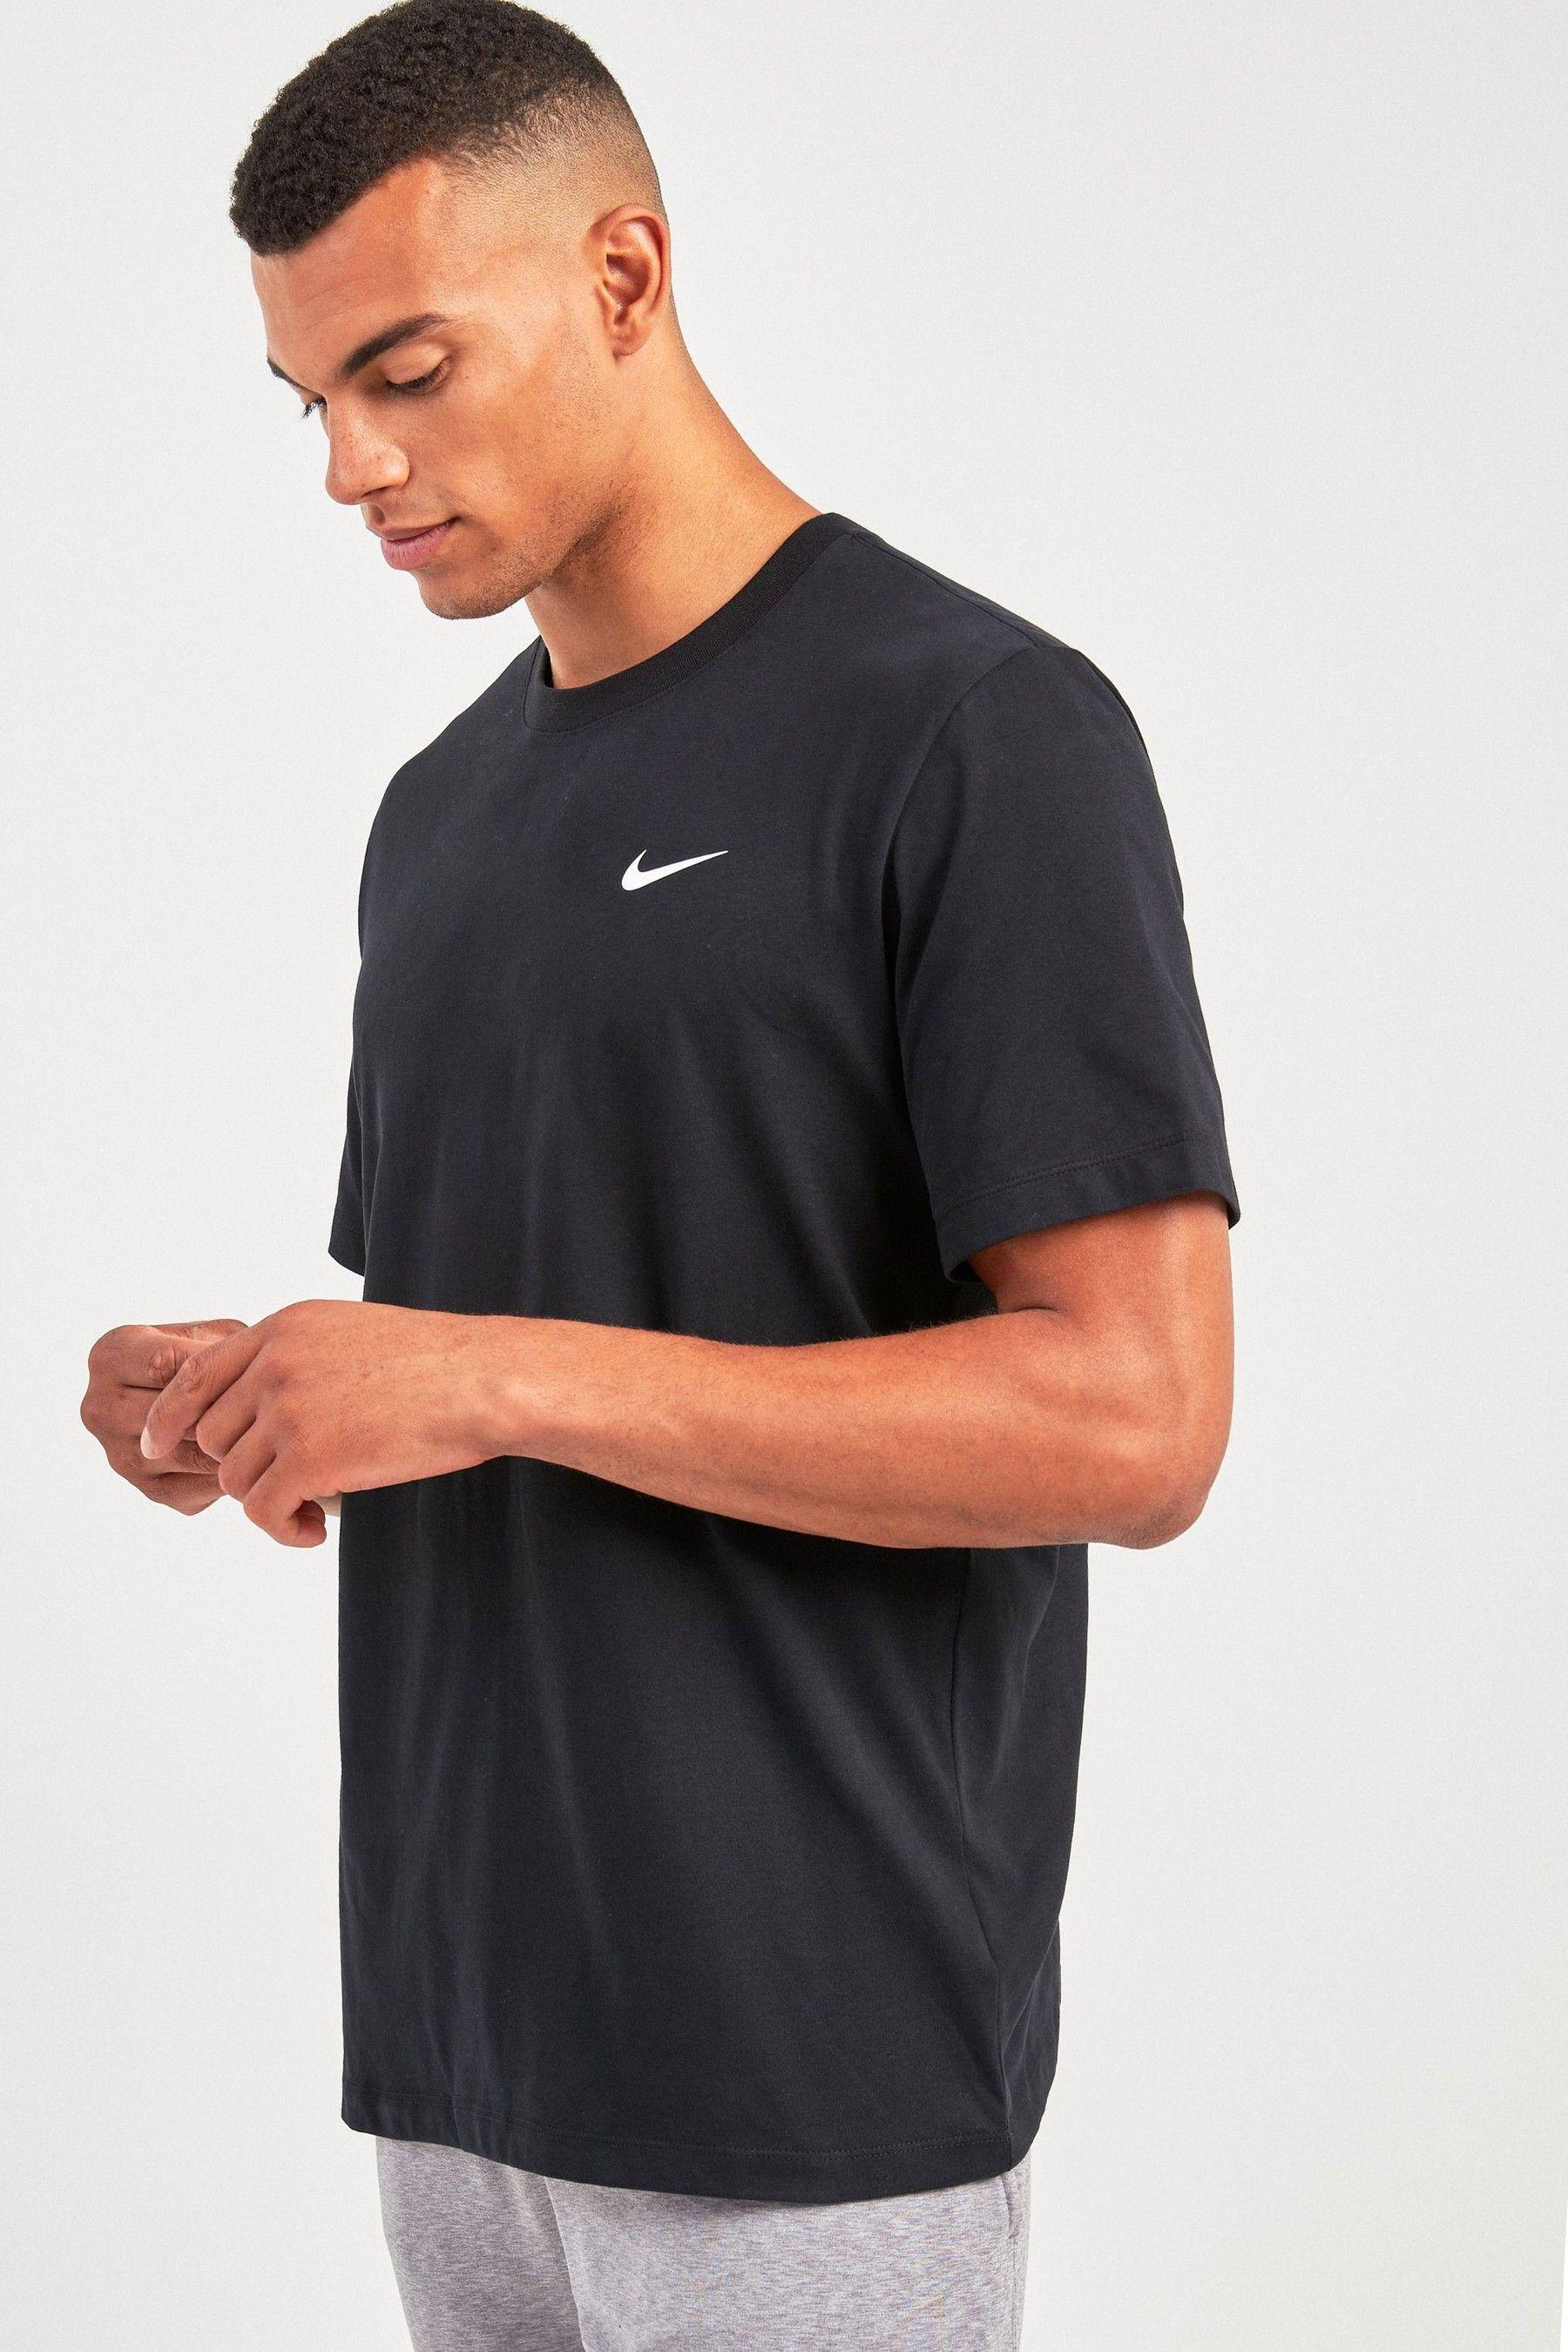 Mens nike drifit training tshirt black in 2020 sport